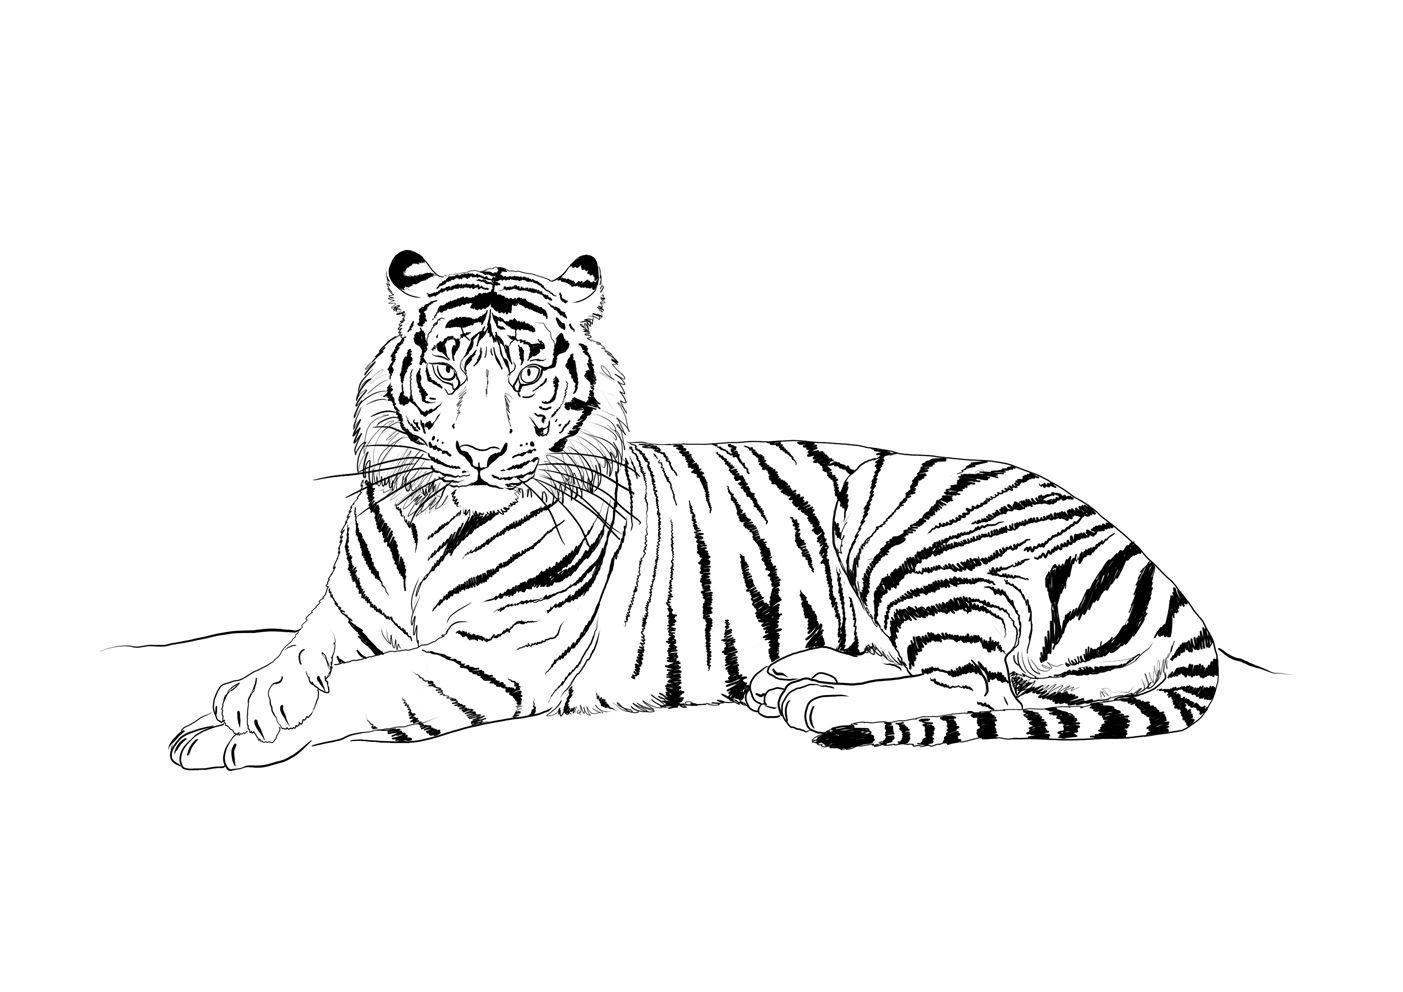 Dessin À Colorier: Tigre (Animaux) #63 - Coloriages À dedans Coloriage Bébé Tigre